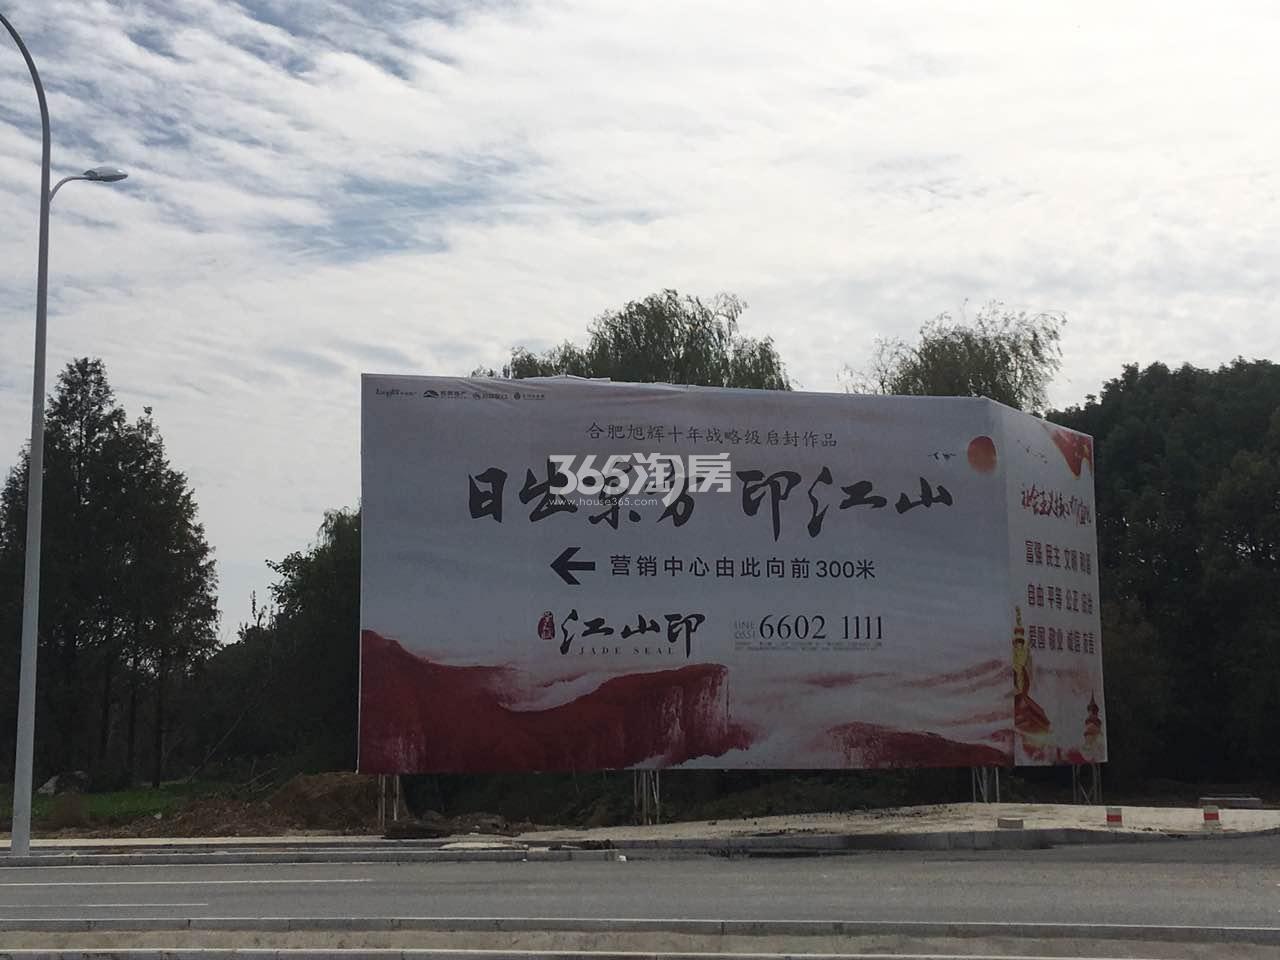 紫云赋江山印周边广告牌实景图(2018.3.28)